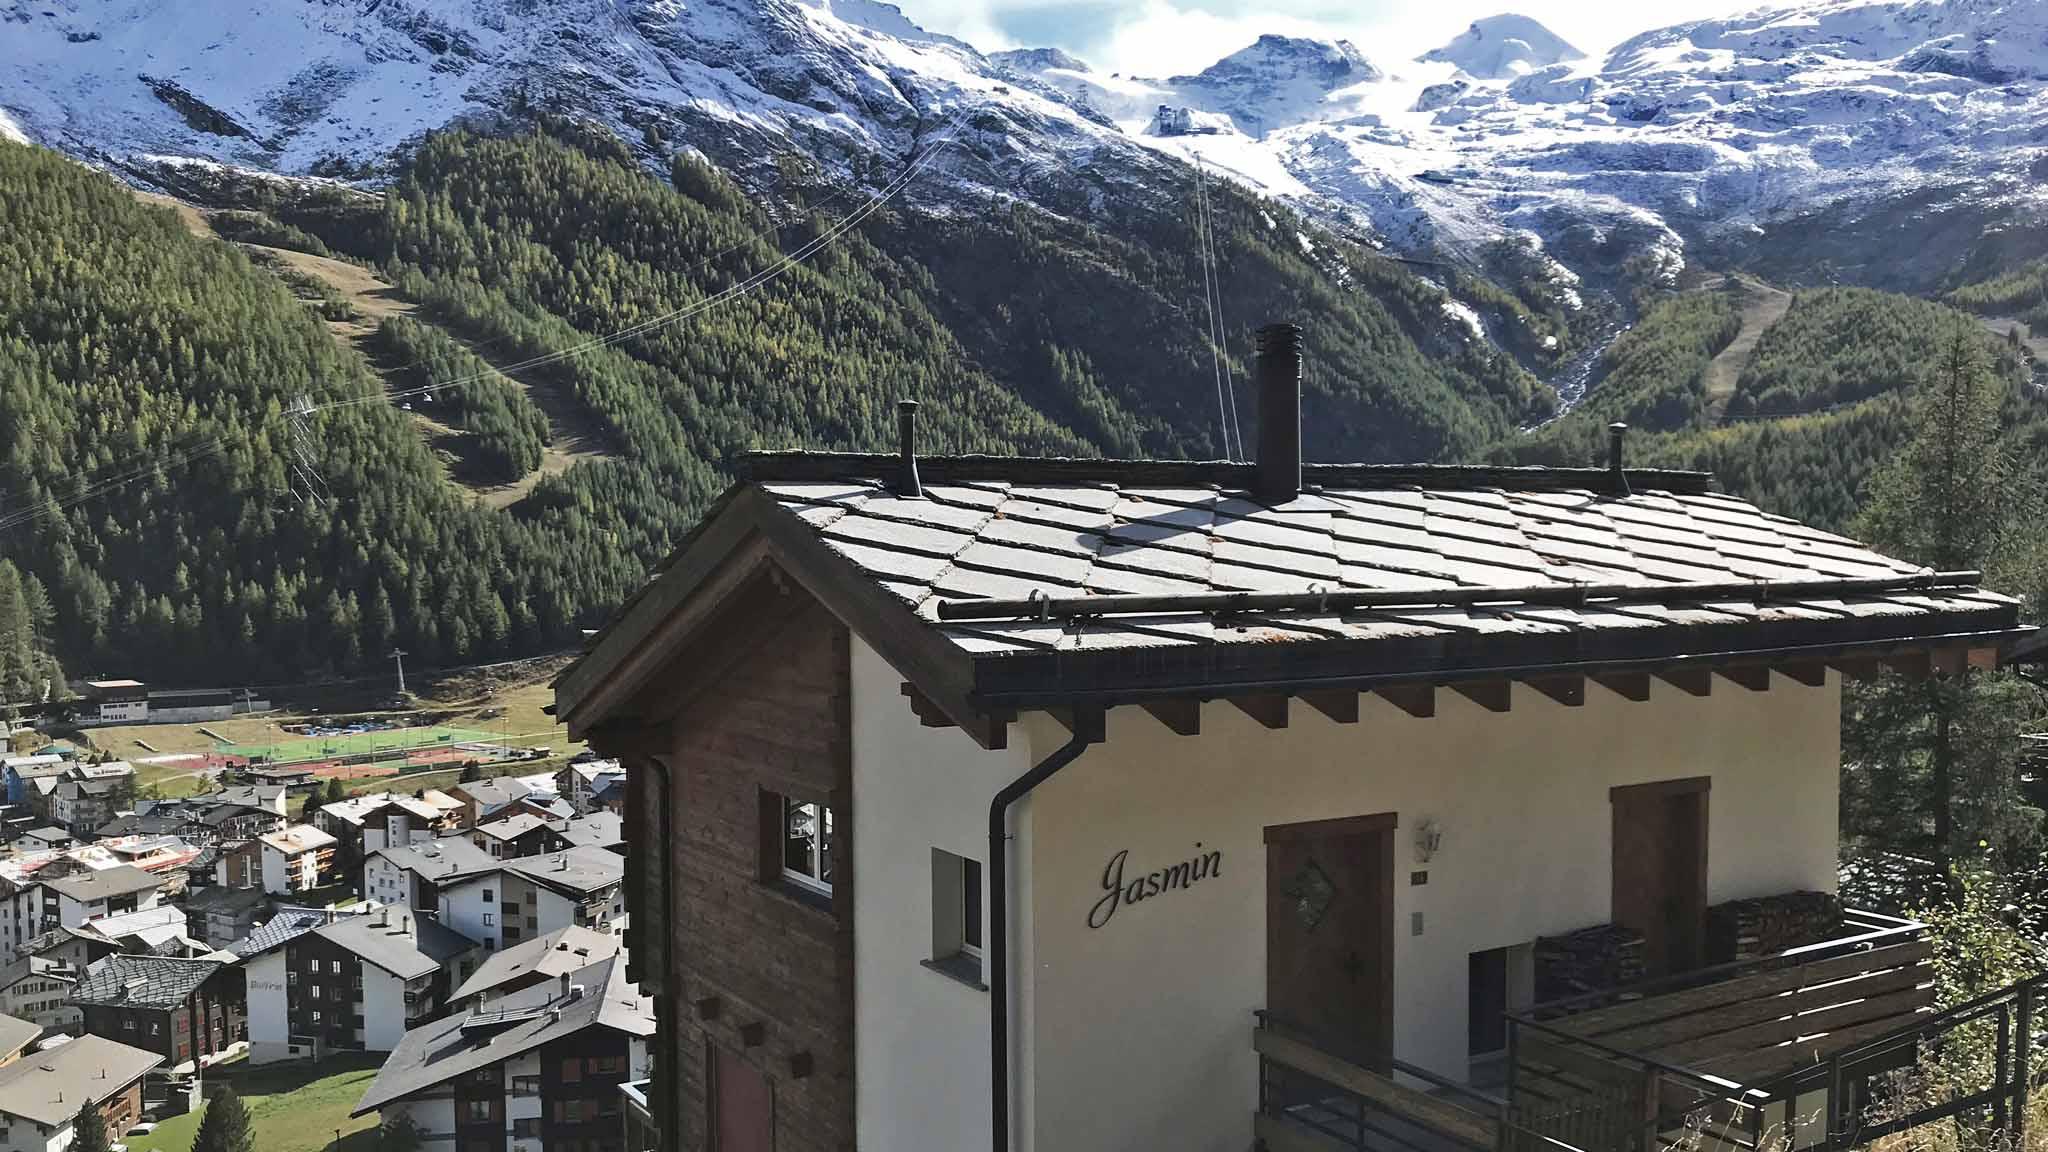 Chalet Jasmin Chalet, Switzerland